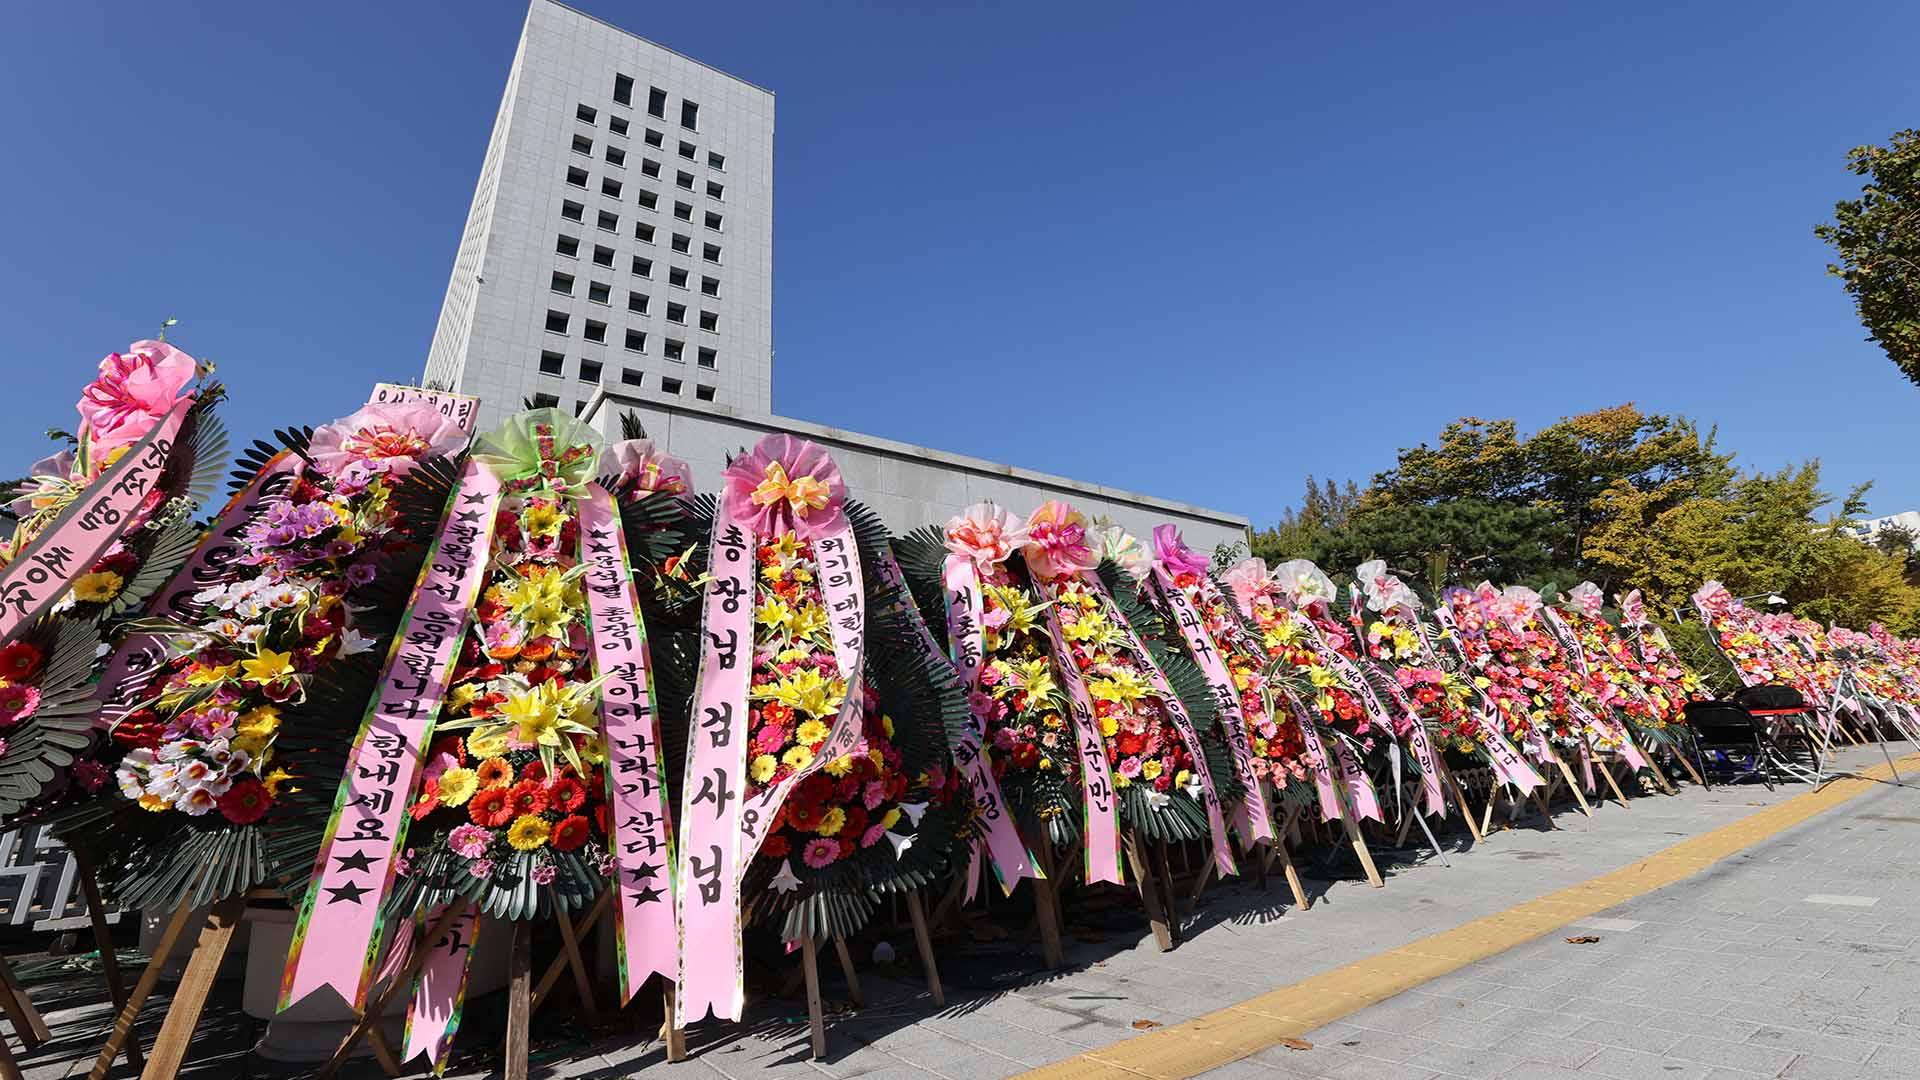 대검, 보수단체에 '윤석열 응원 화환' 철거 요청